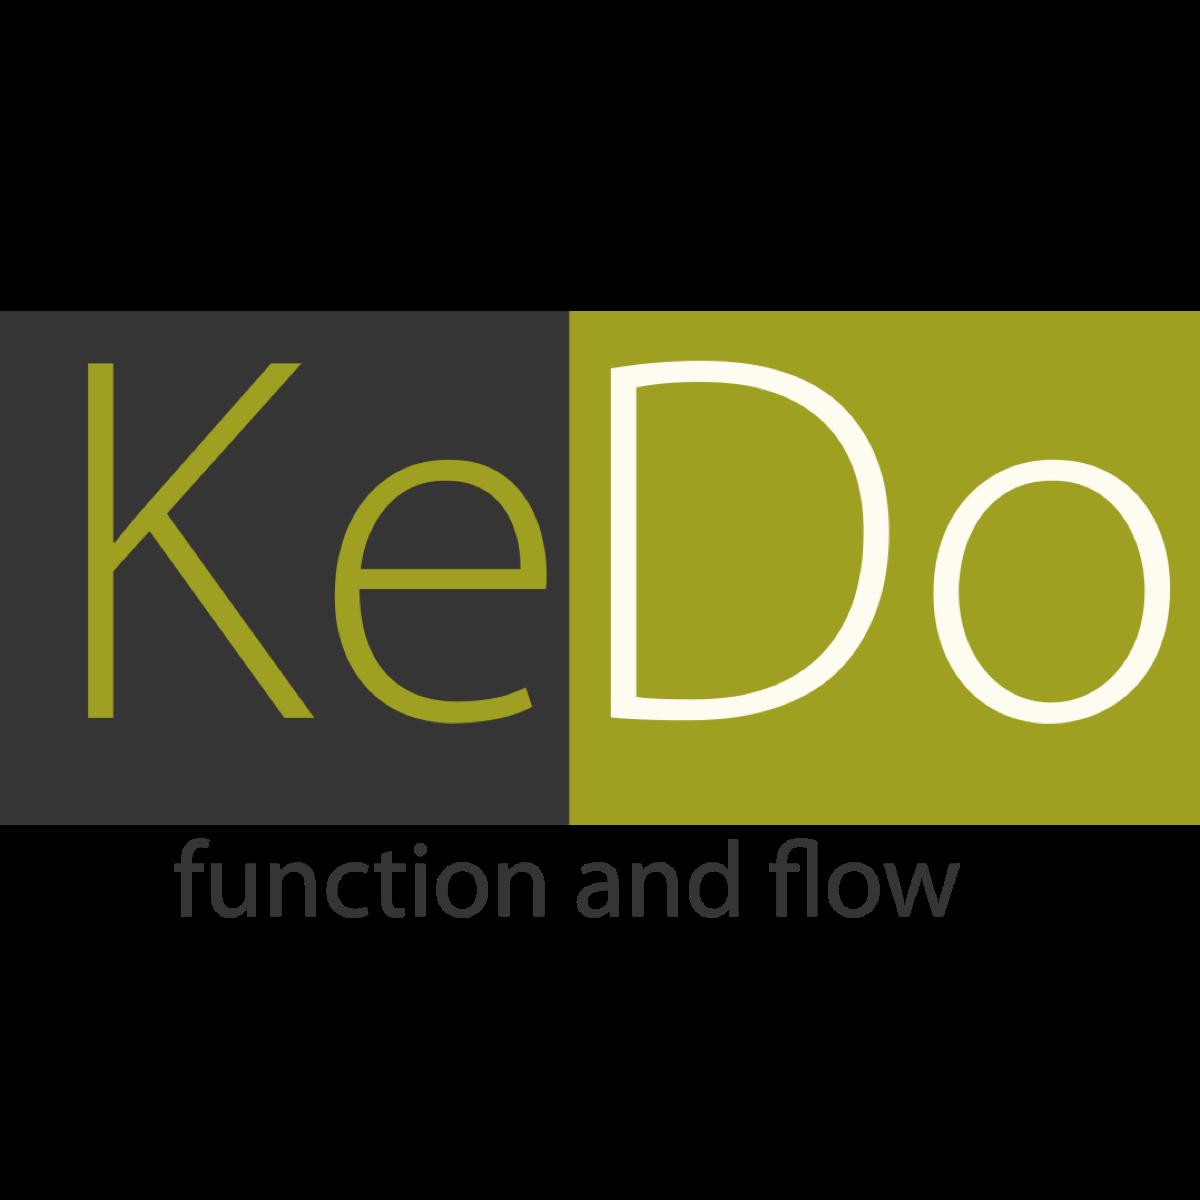 KeDo Spaces